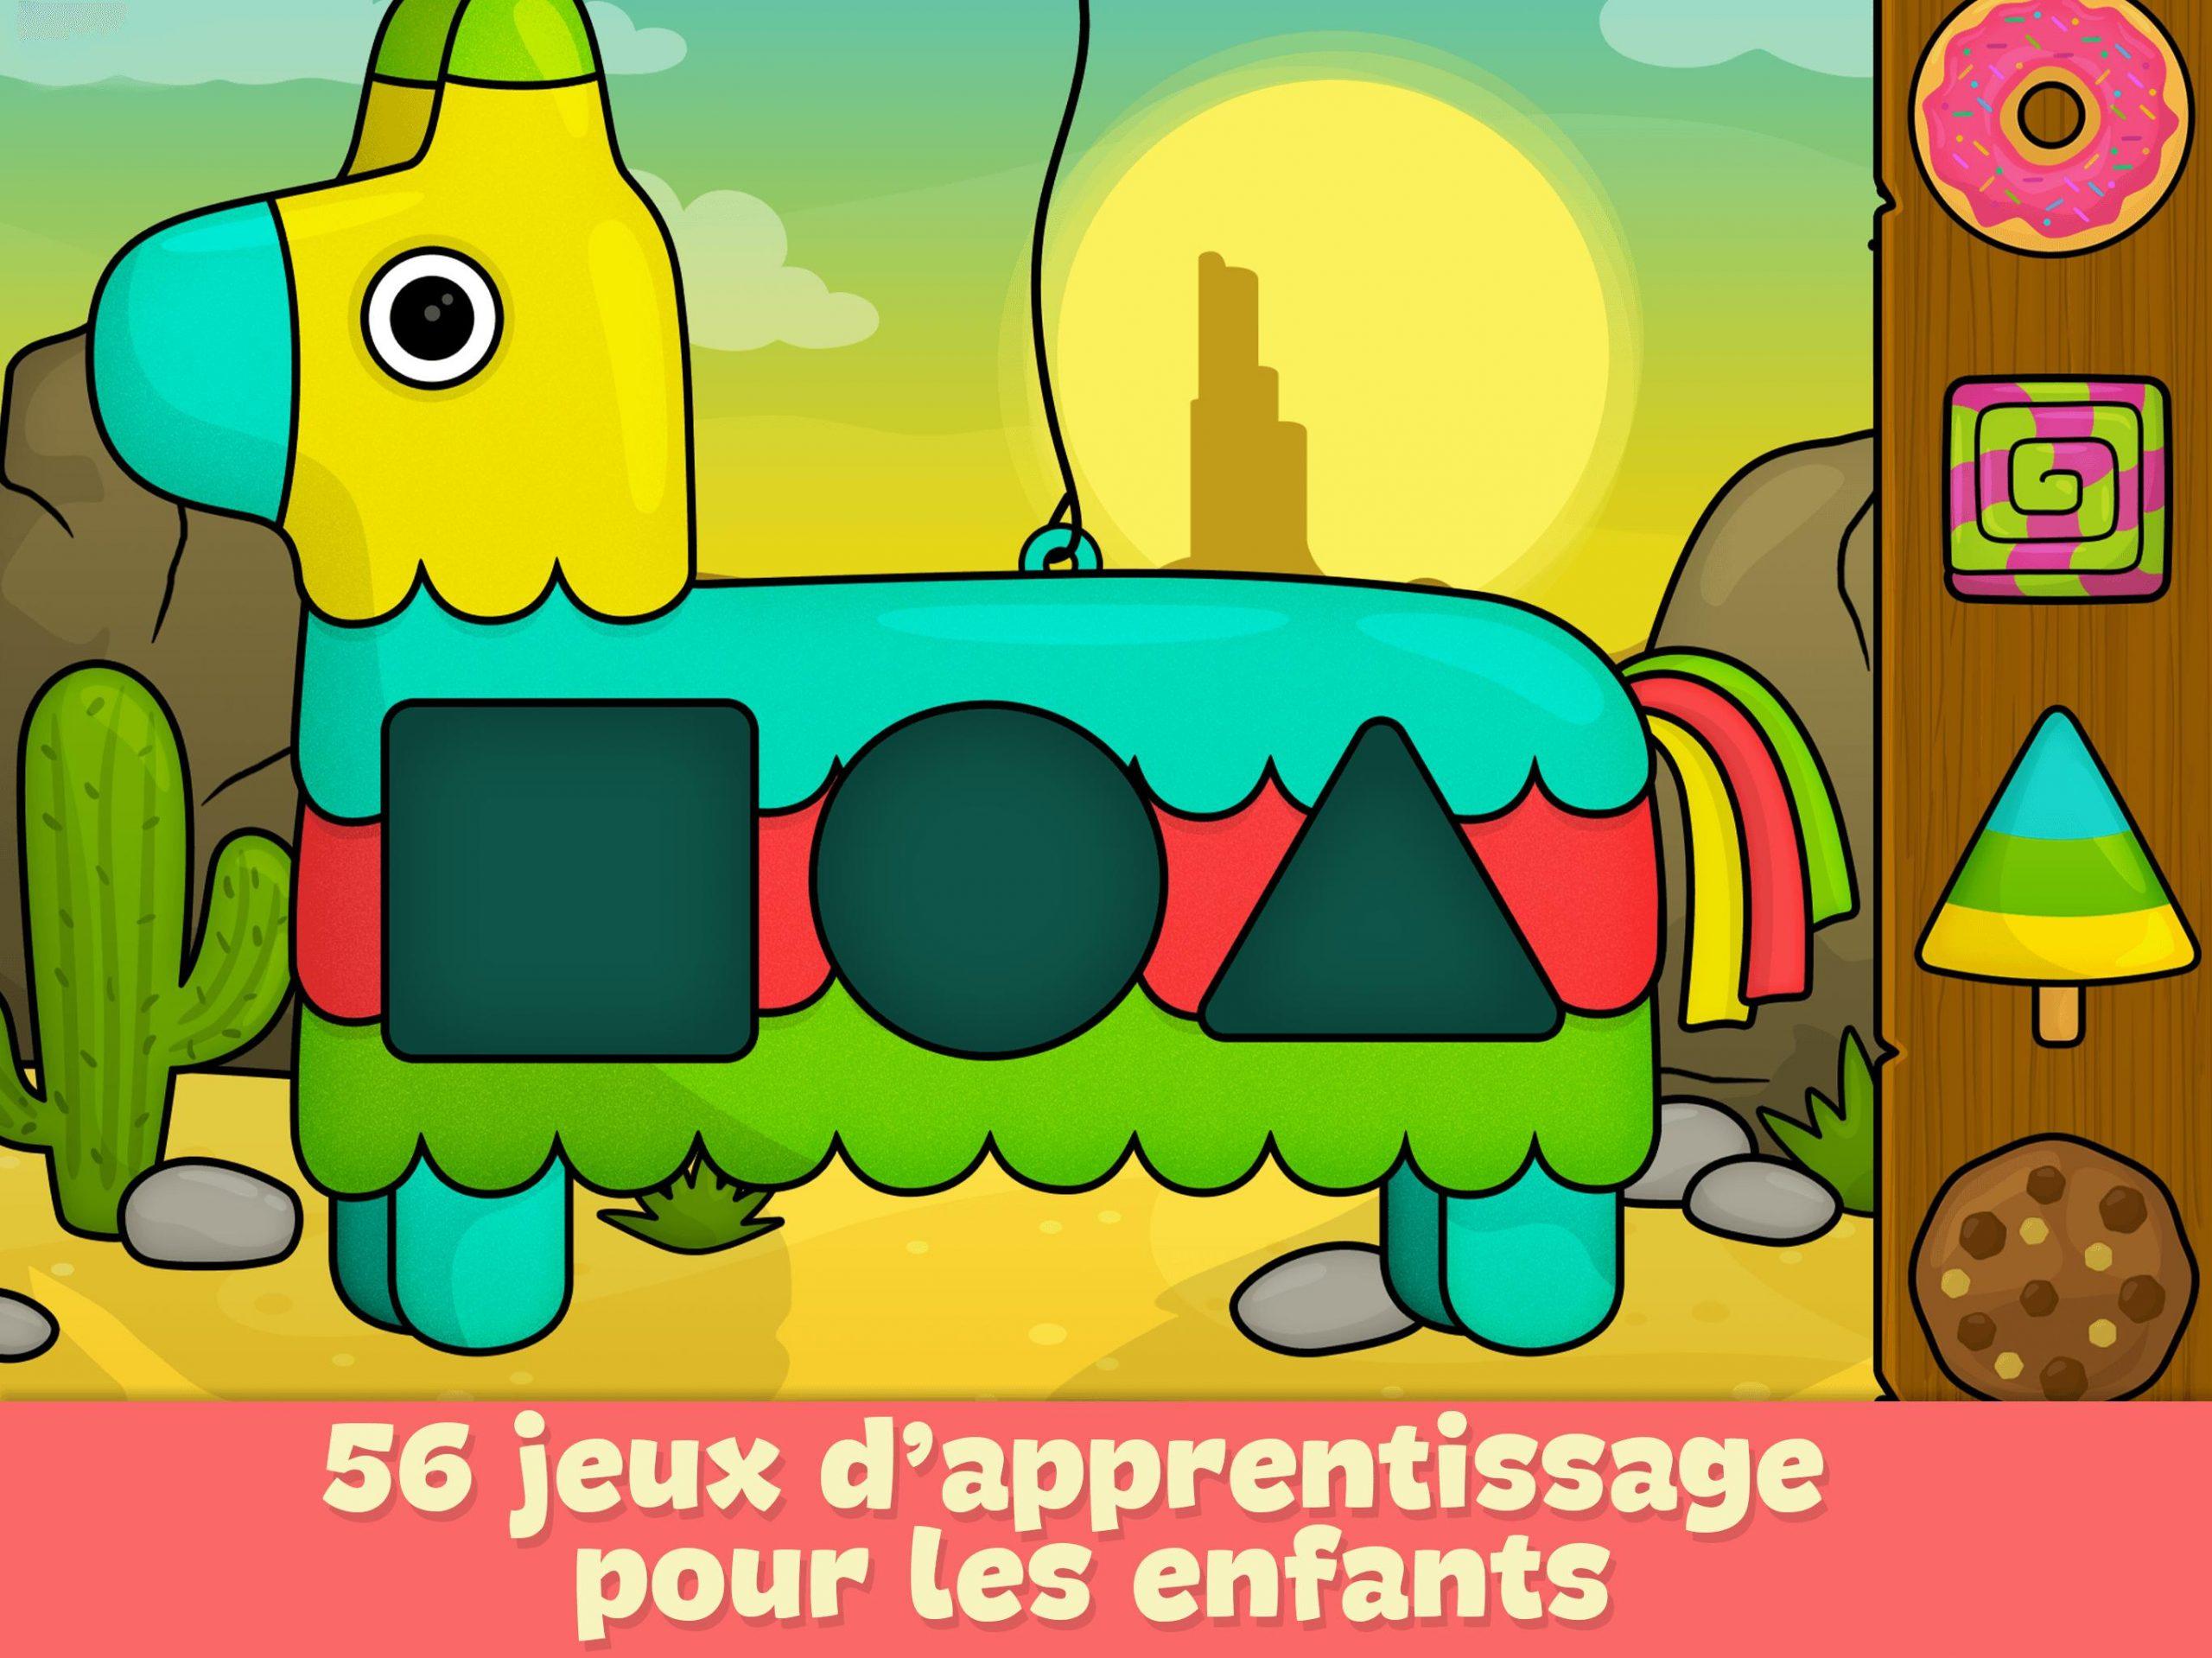 Jeux Pour Enfants 2 - 5 Ans Pour Android - Téléchargez L'apk avec Jeux Pour Petite Fille De 4 Ans Gratuit